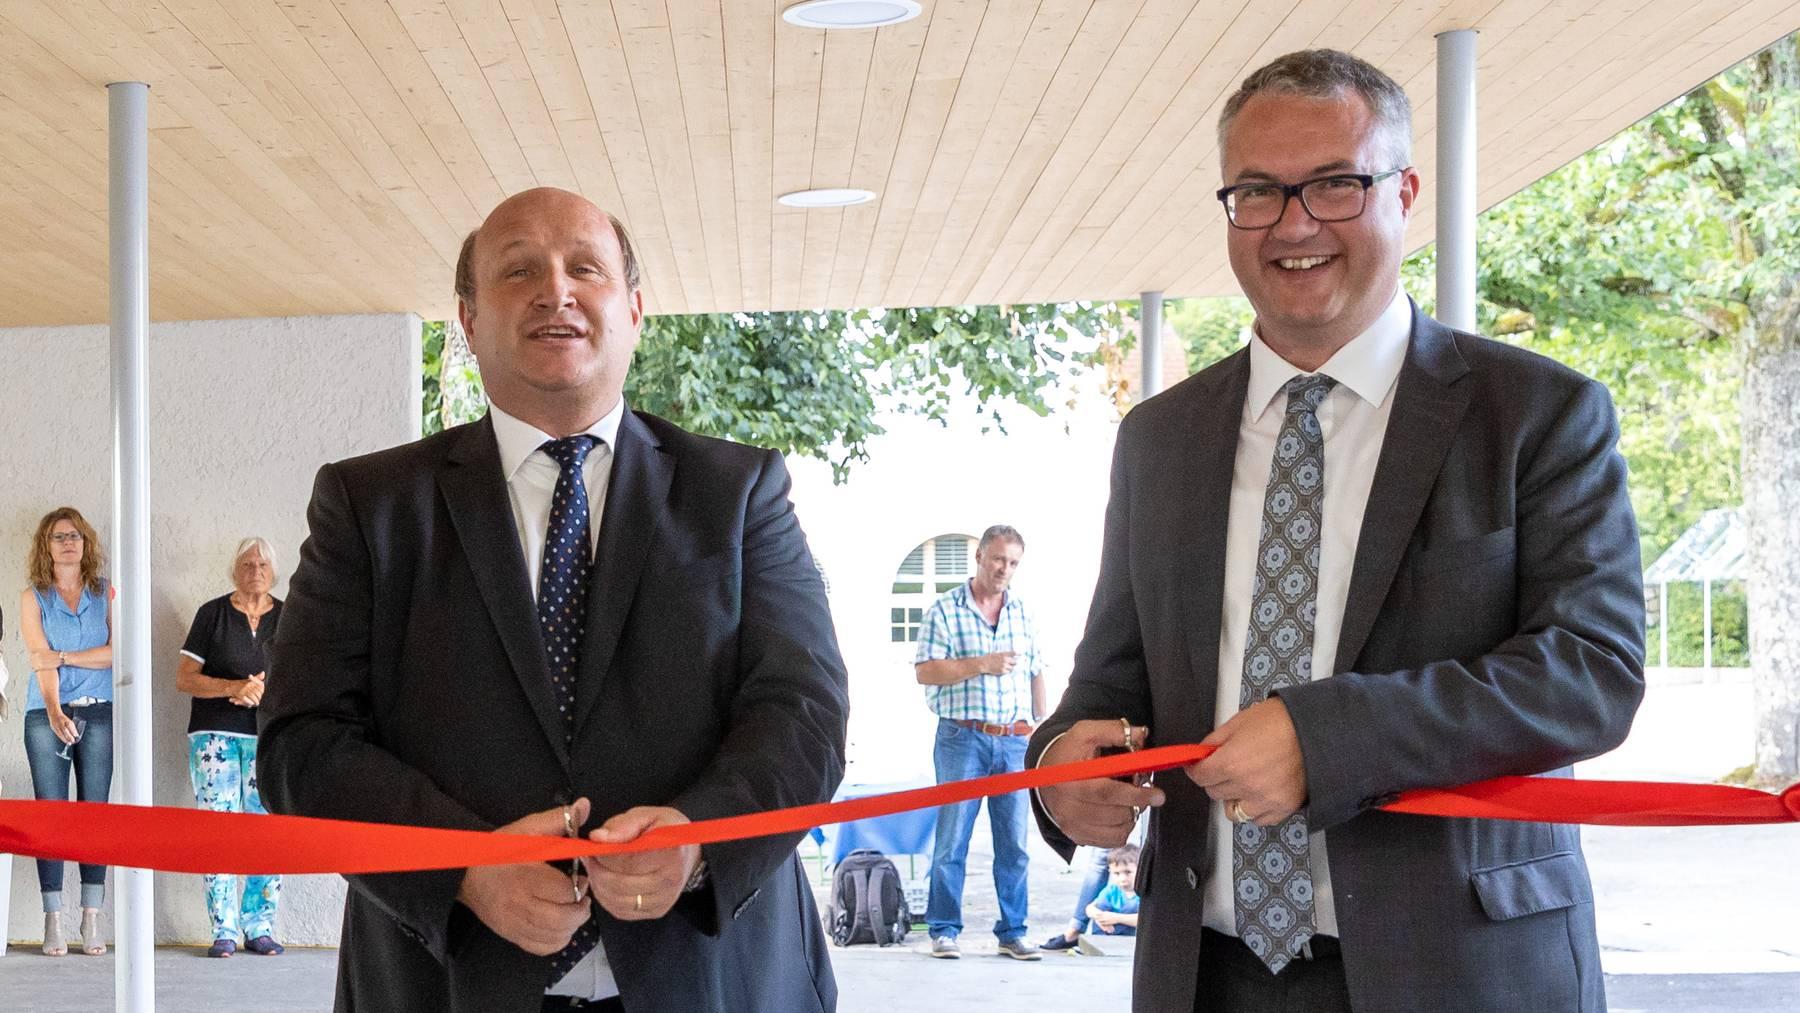 «Zwei starke Persönlichkeiten»: Die FDP will mit Remo Ankli und Peter Hodel in die Regierung